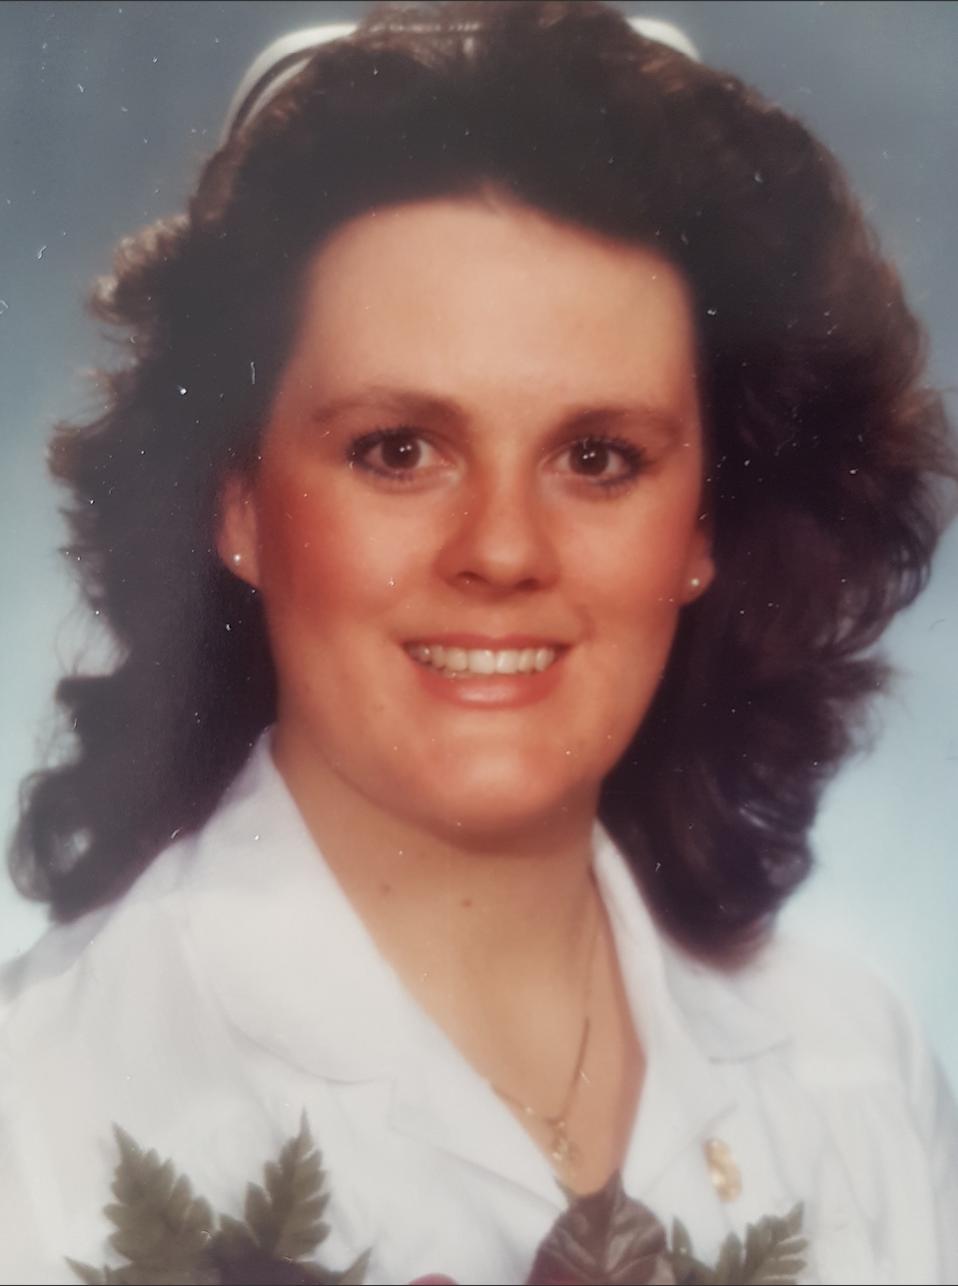 Grandview Kids CEO Lorraine Sunstrum-Mann in her Graduation photo from nursing school